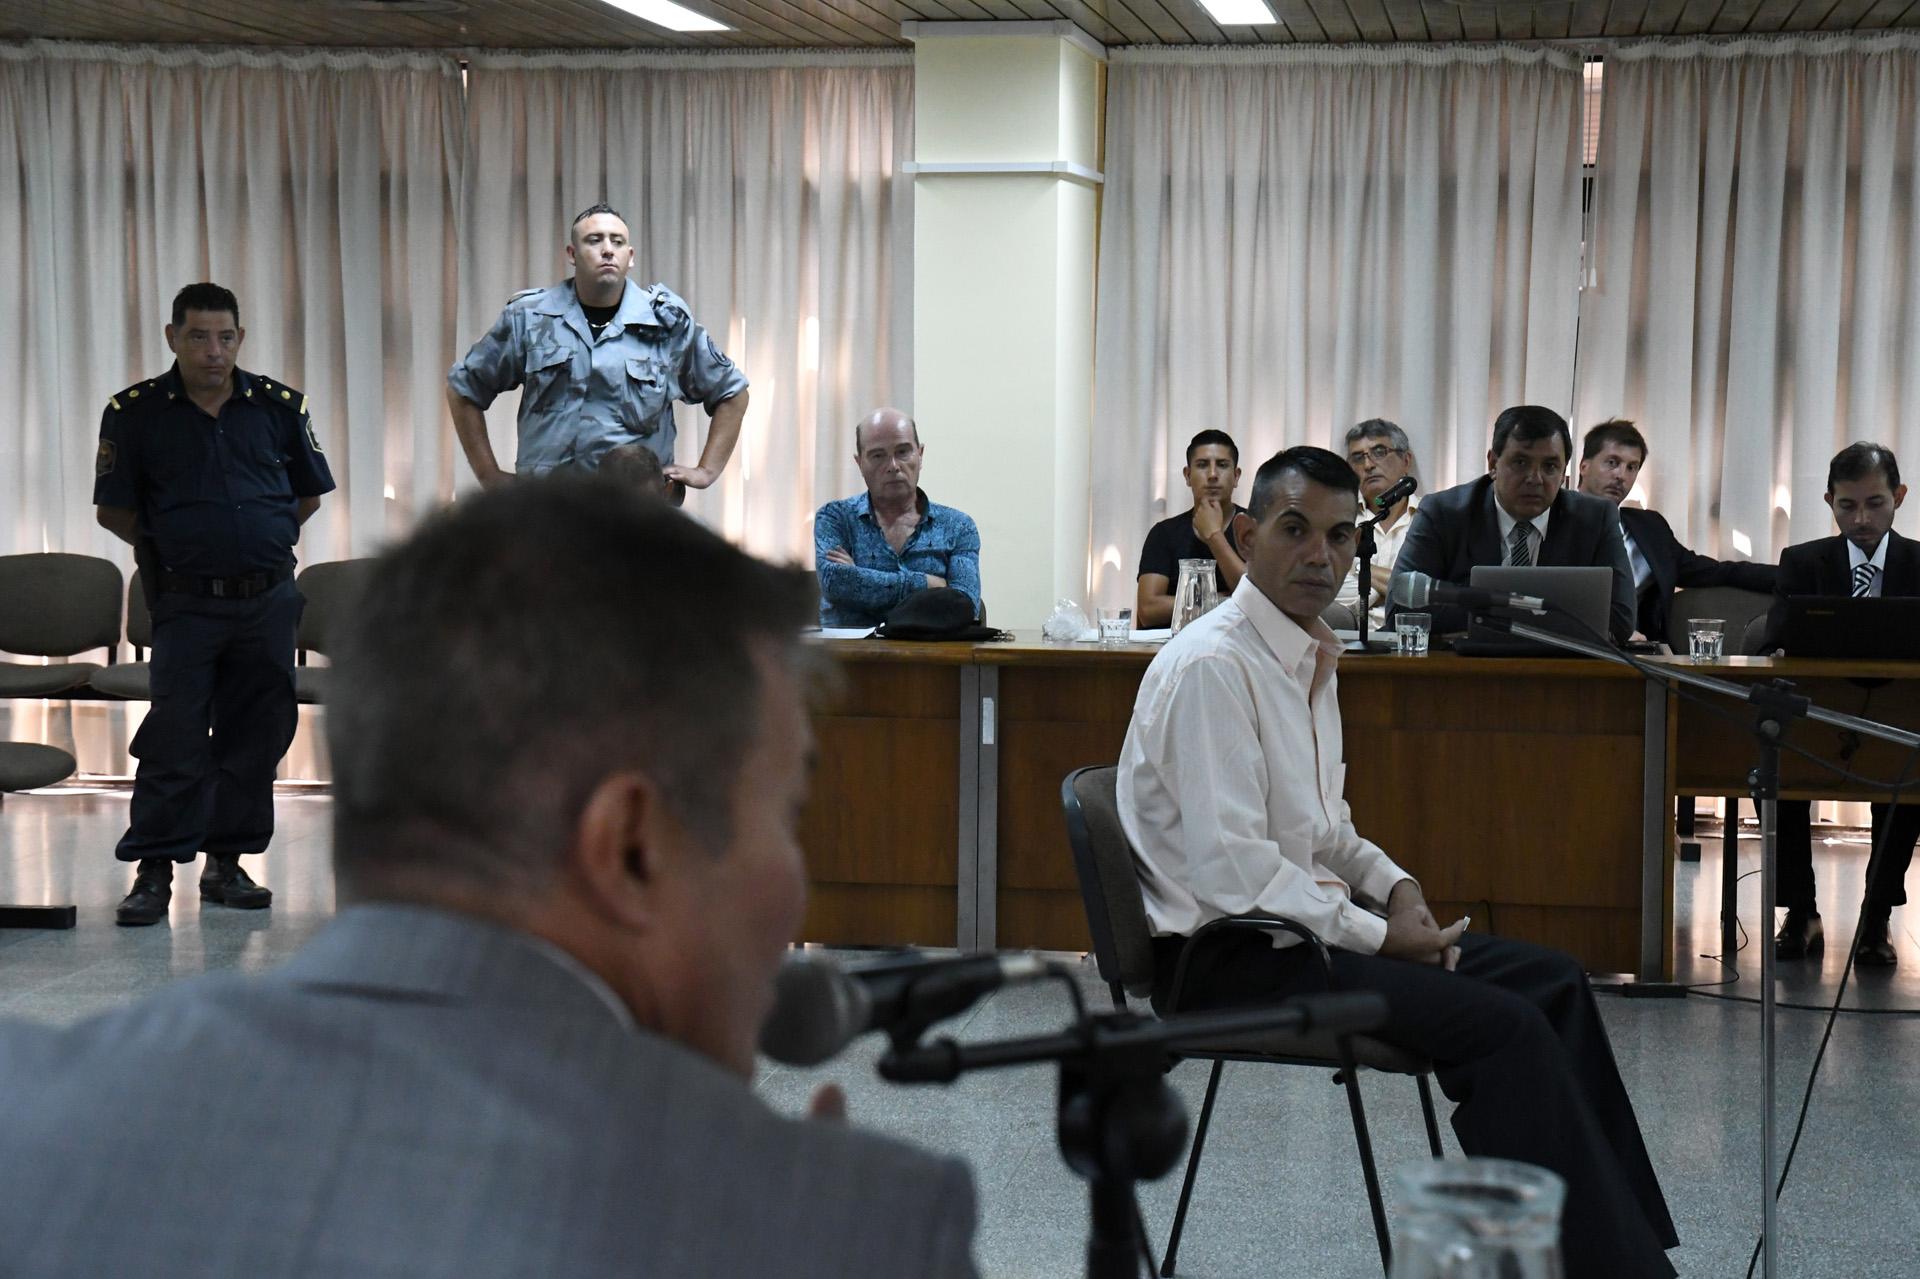 El juicio oral por el crimen de Candela Sol Rodríguez, secuestrada y asesinada en 2011 en el partido bonaerense de Hurlingham, ingresará la semana próxima en la etapa de alegatos luego de que un tribunal de Morón escuchara a 233 testigos presentados por las partes